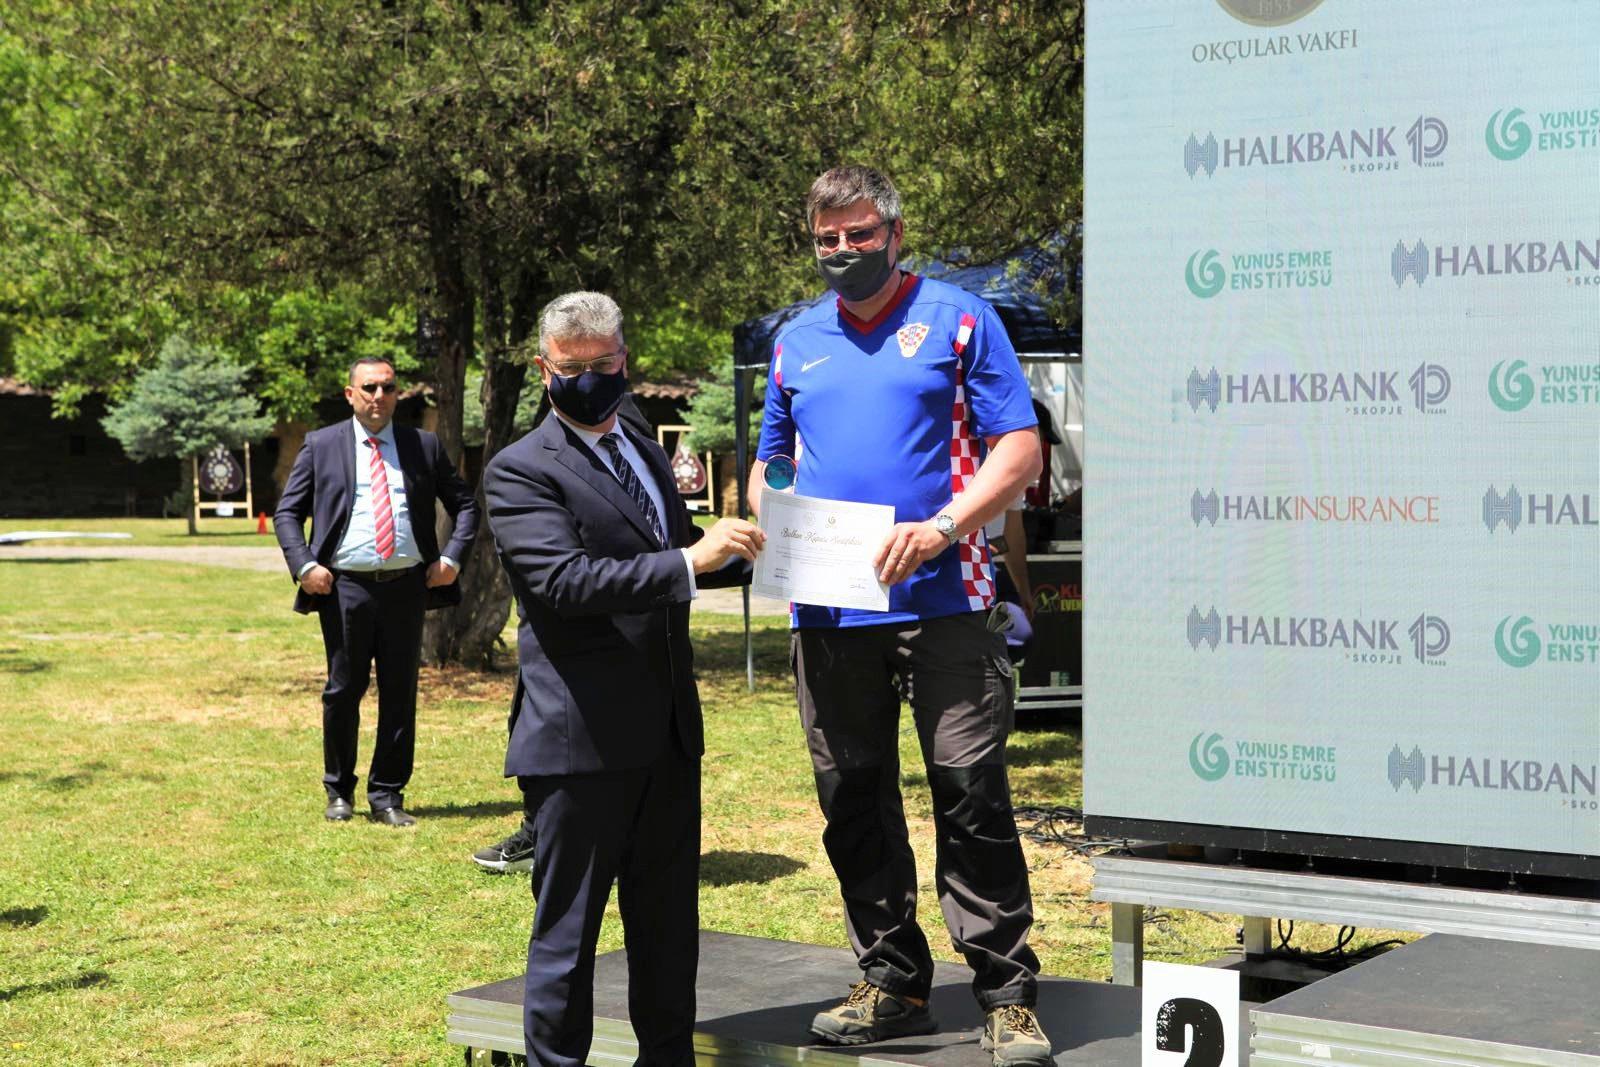 Одржан Меѓународен балкански турнир во стрелаштво со учество на над 100 спортисти од 7 балкански земји